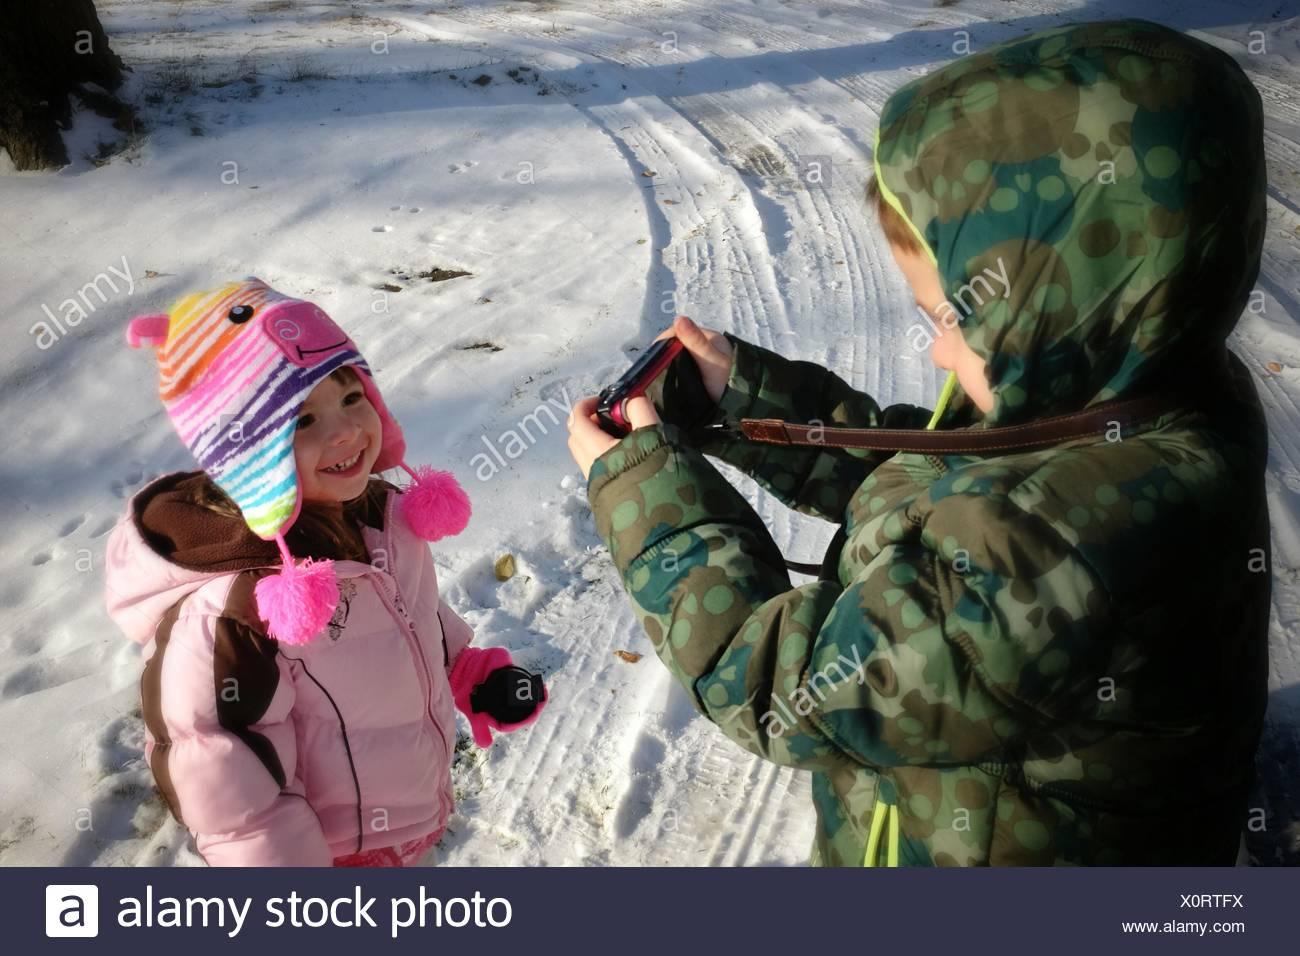 Hermano fotografiar hermana, el campo cubierto de nieve Imagen De Stock